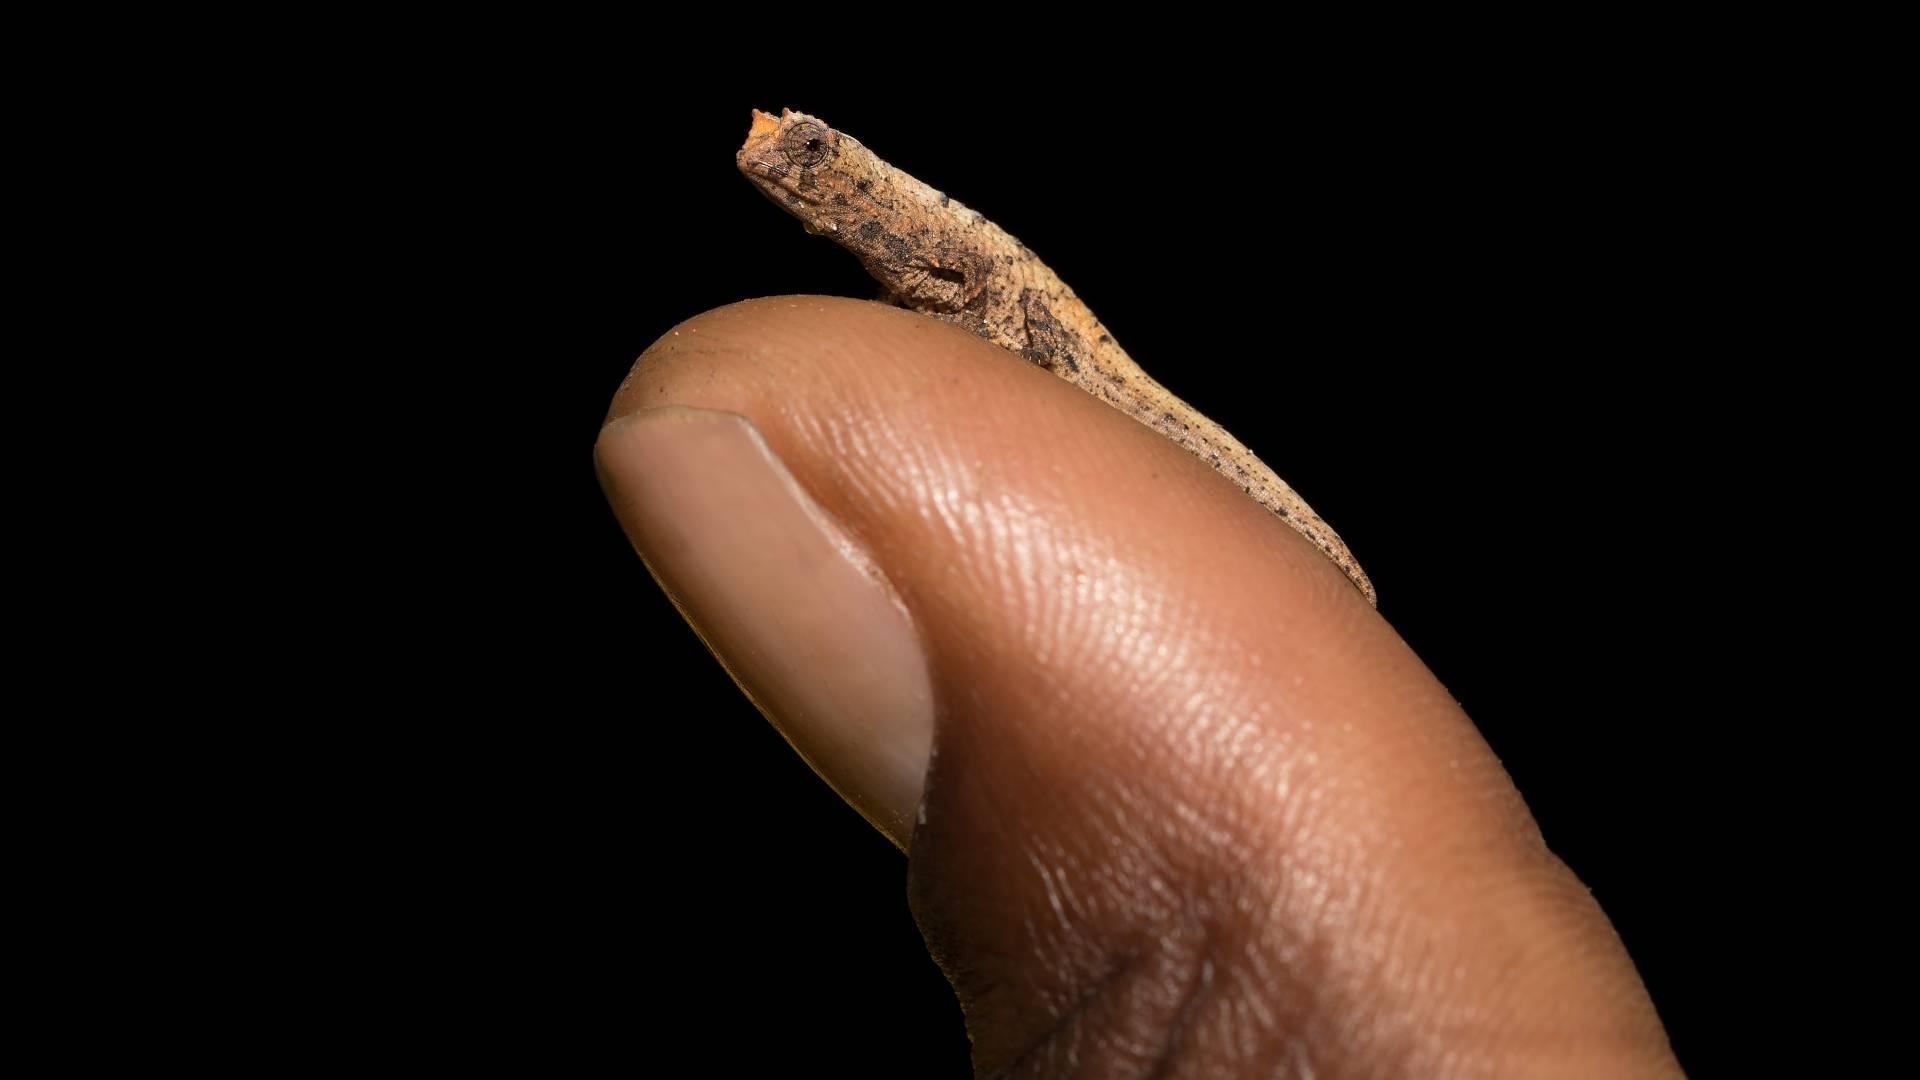 Der kleinste schwanz der welt